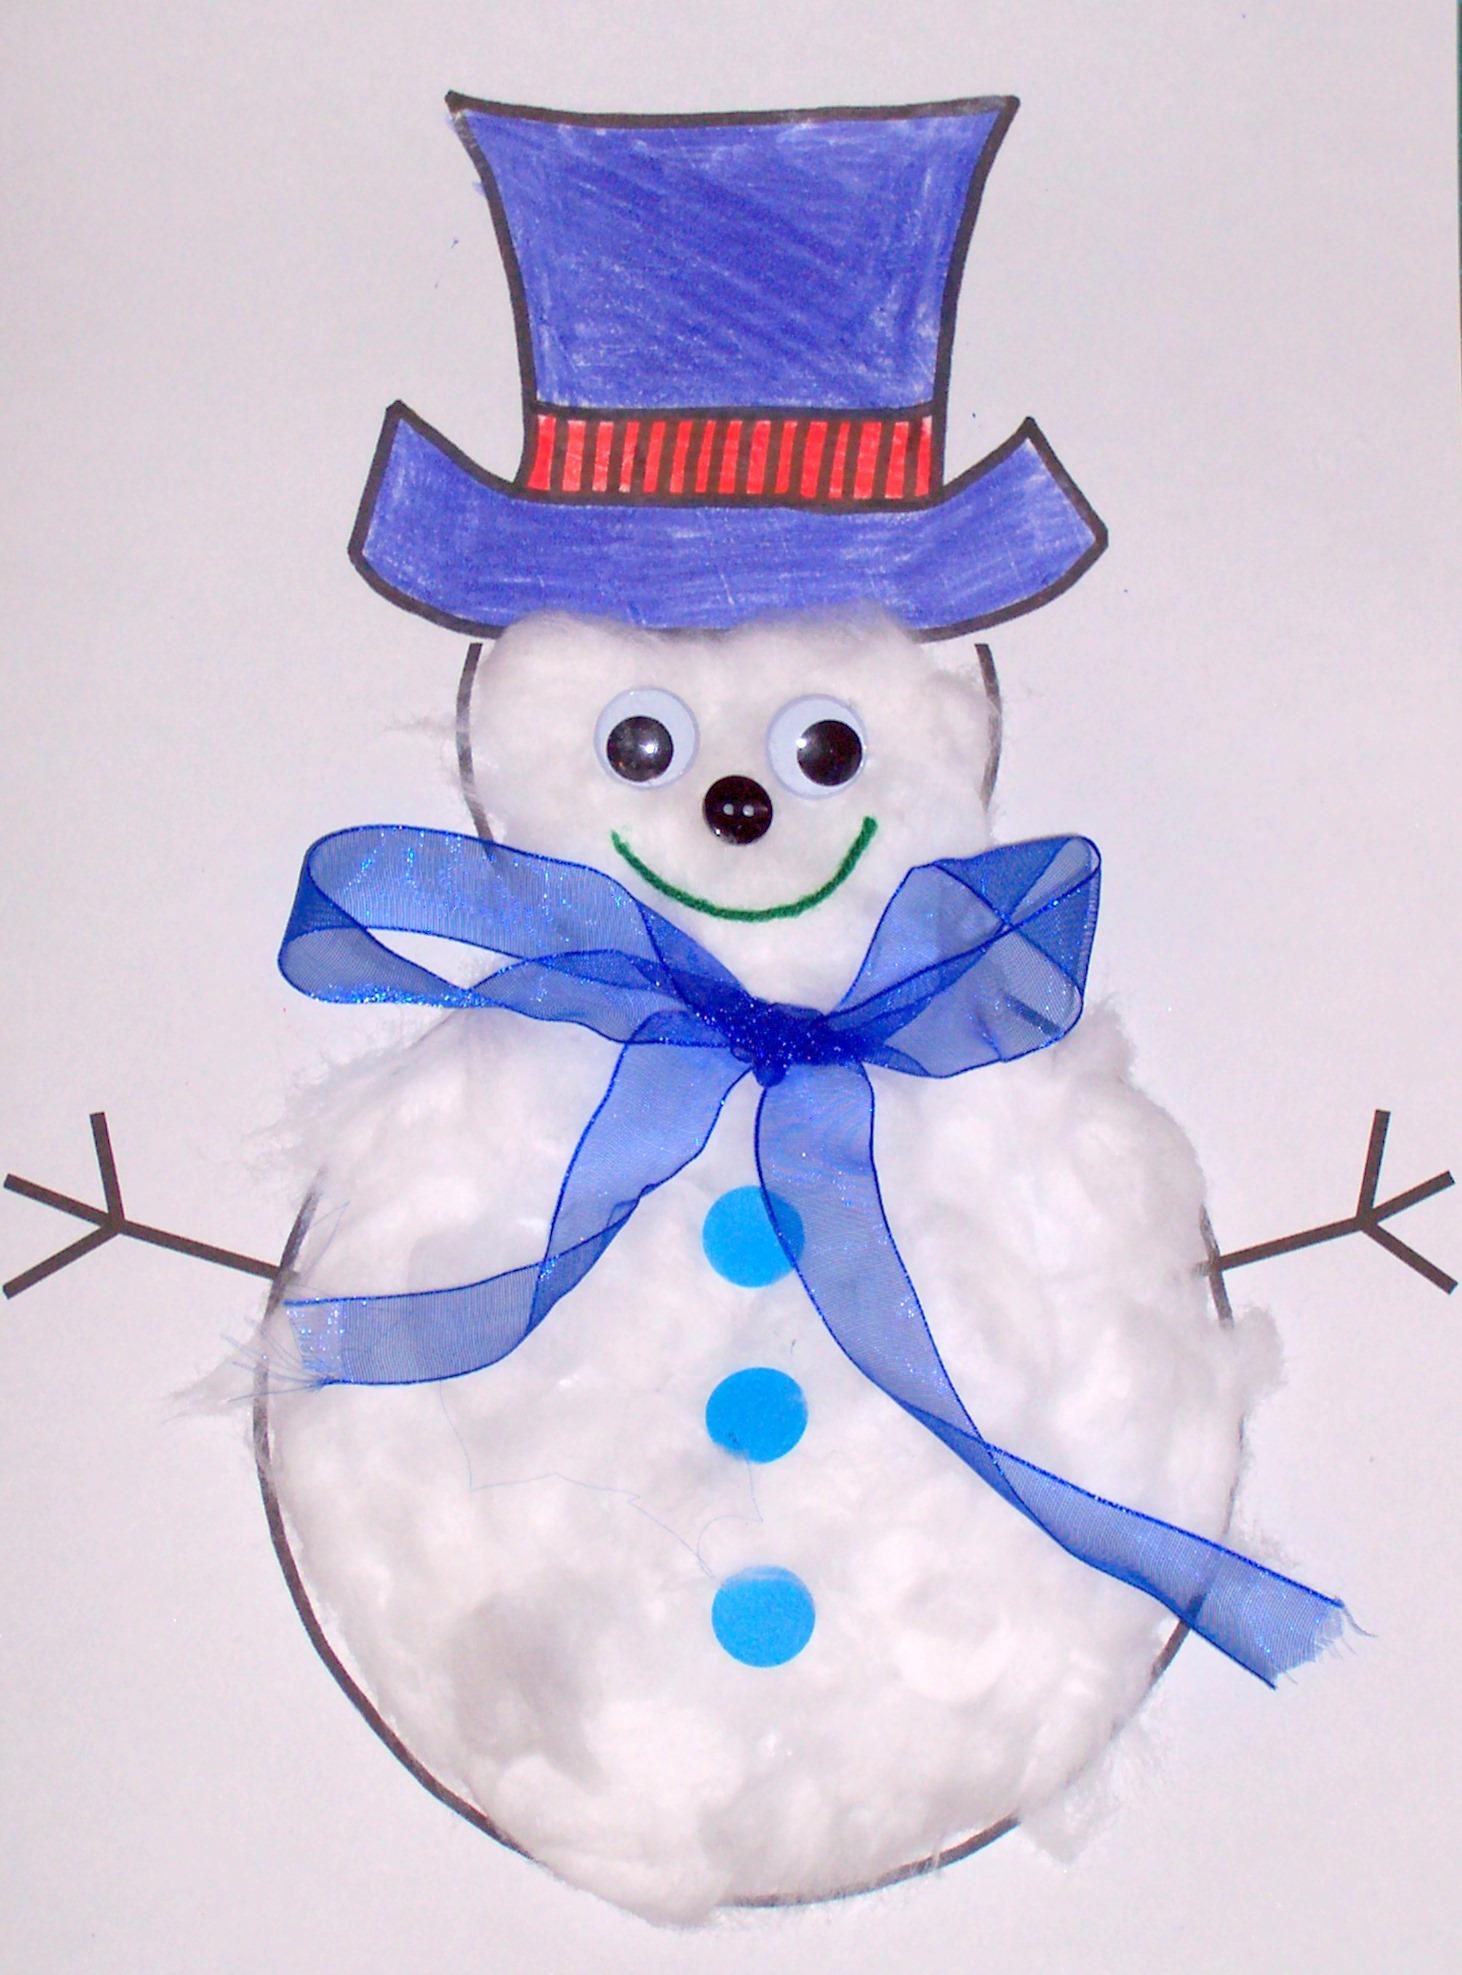 Поделки для детей своими руками на новый год фото - Pinterest 20